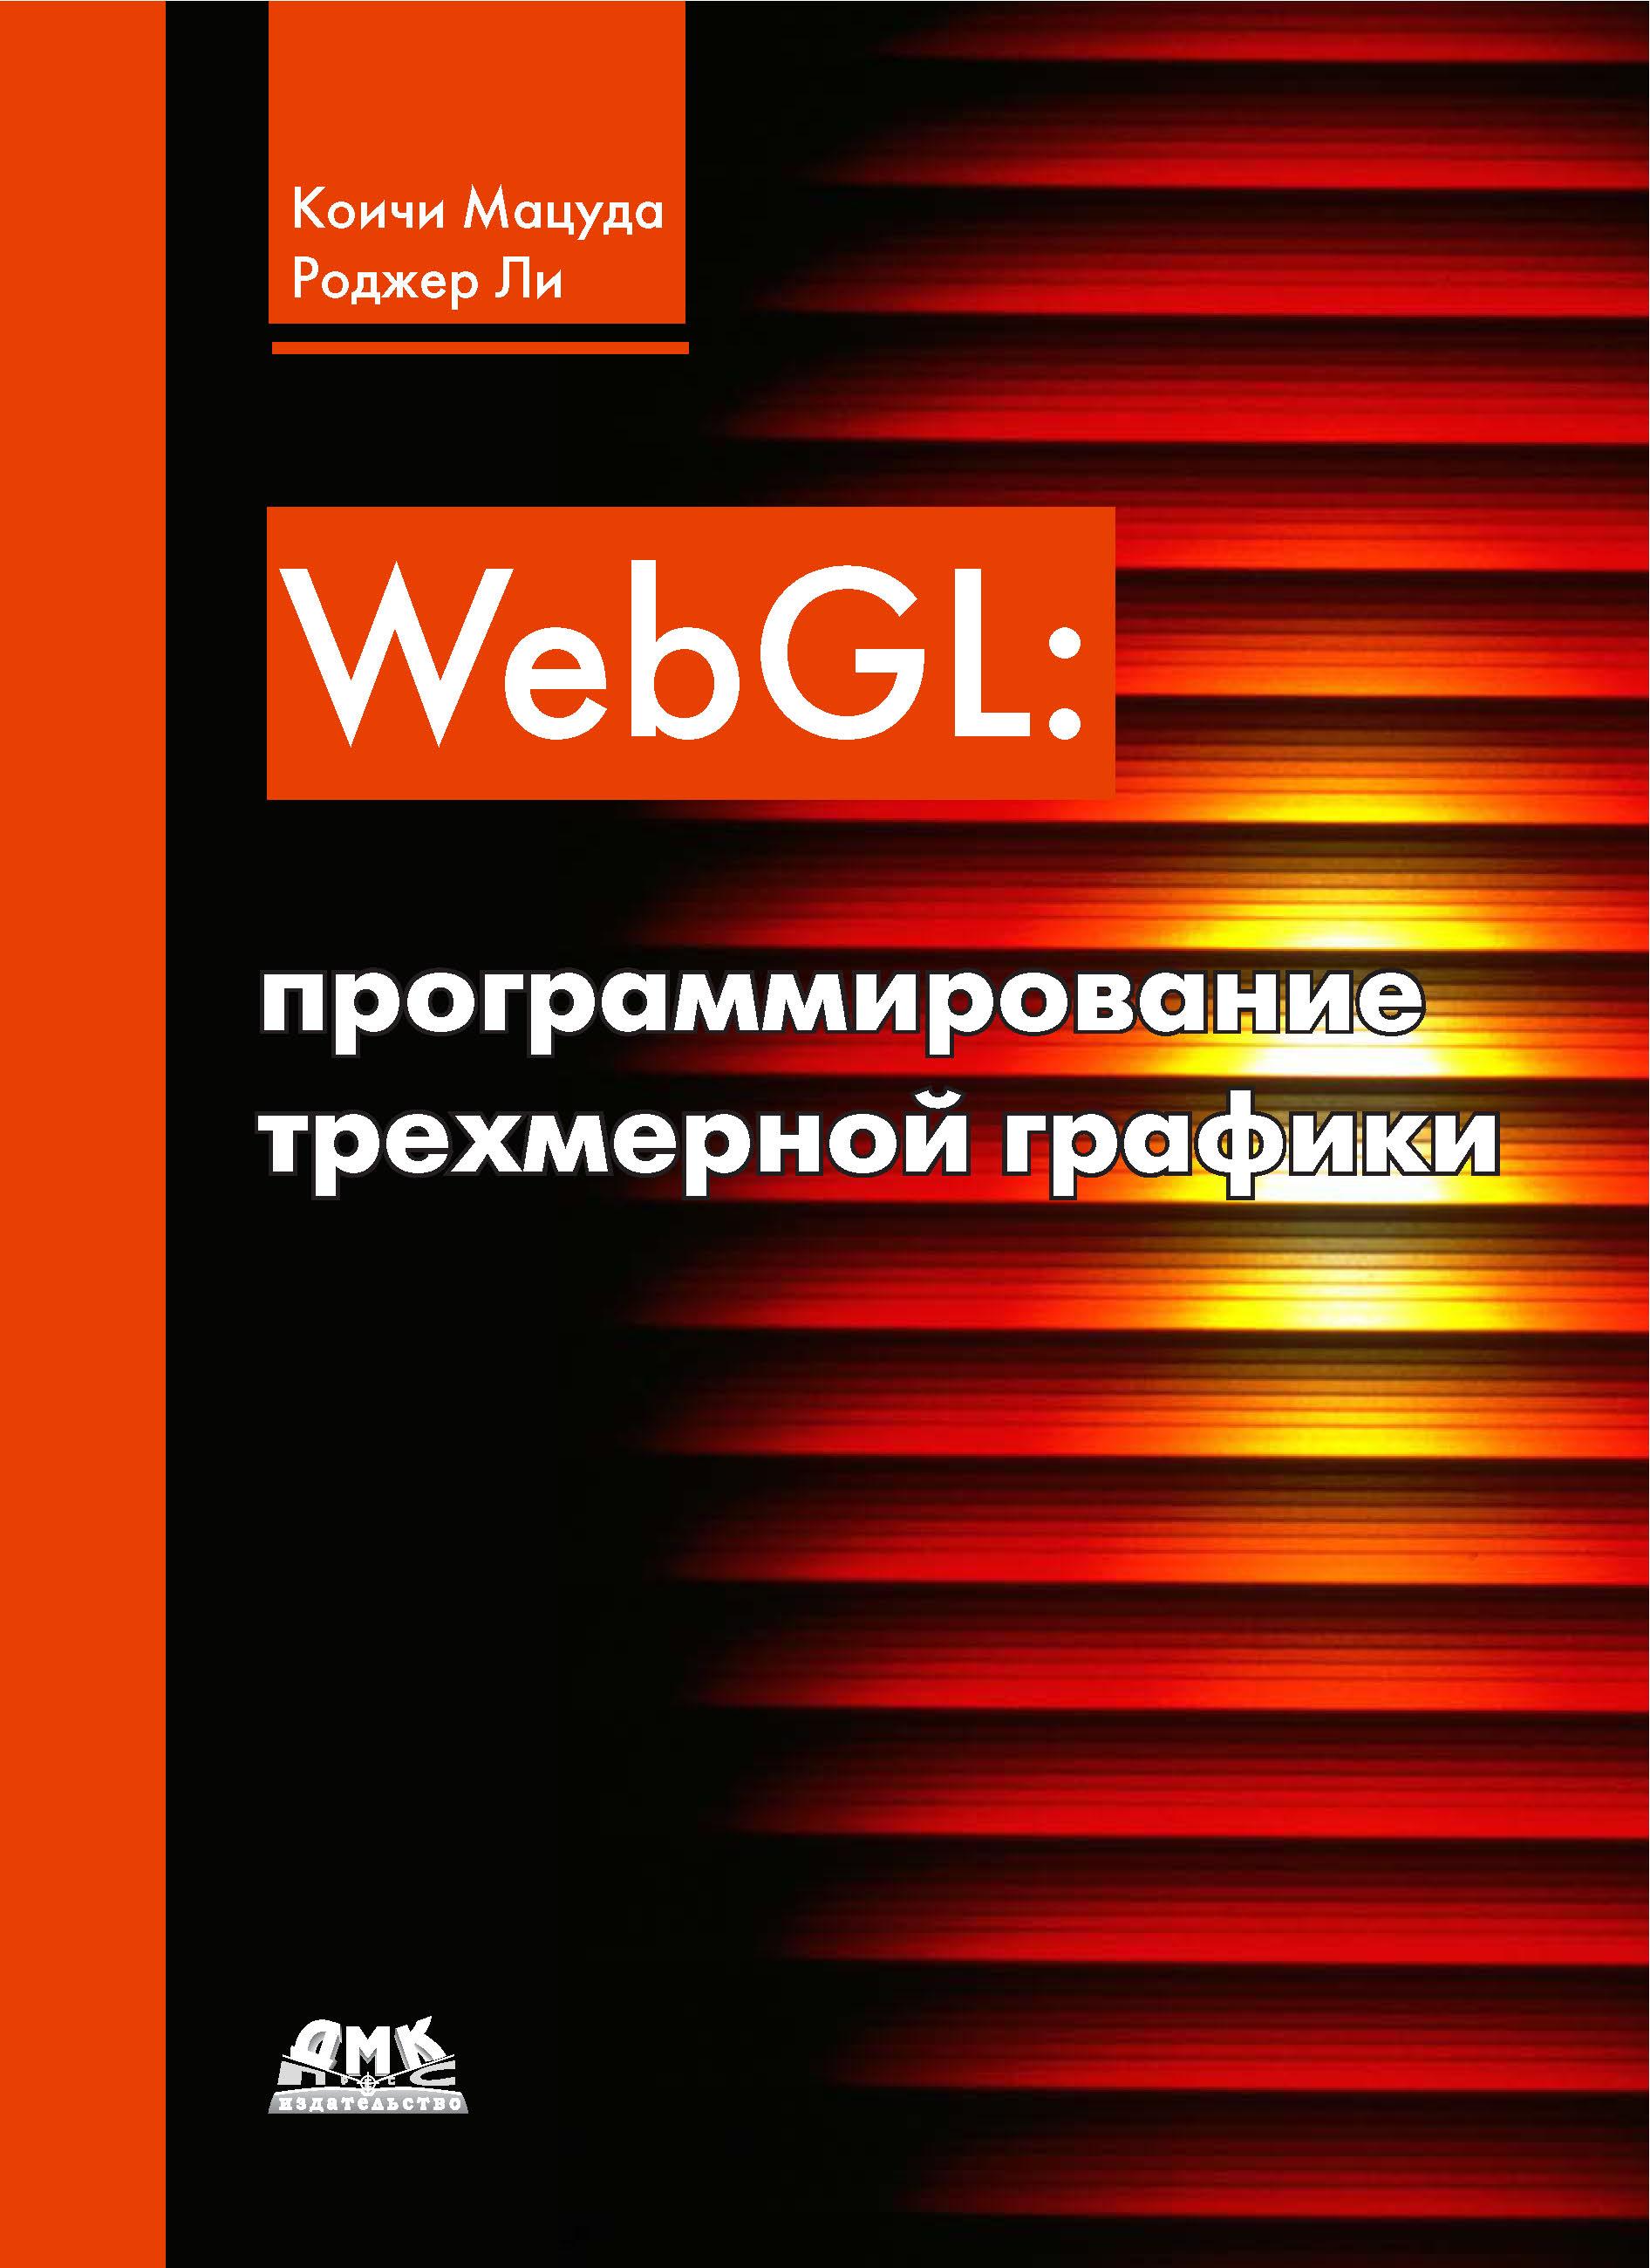 WebGL: программирование трехмерной графики